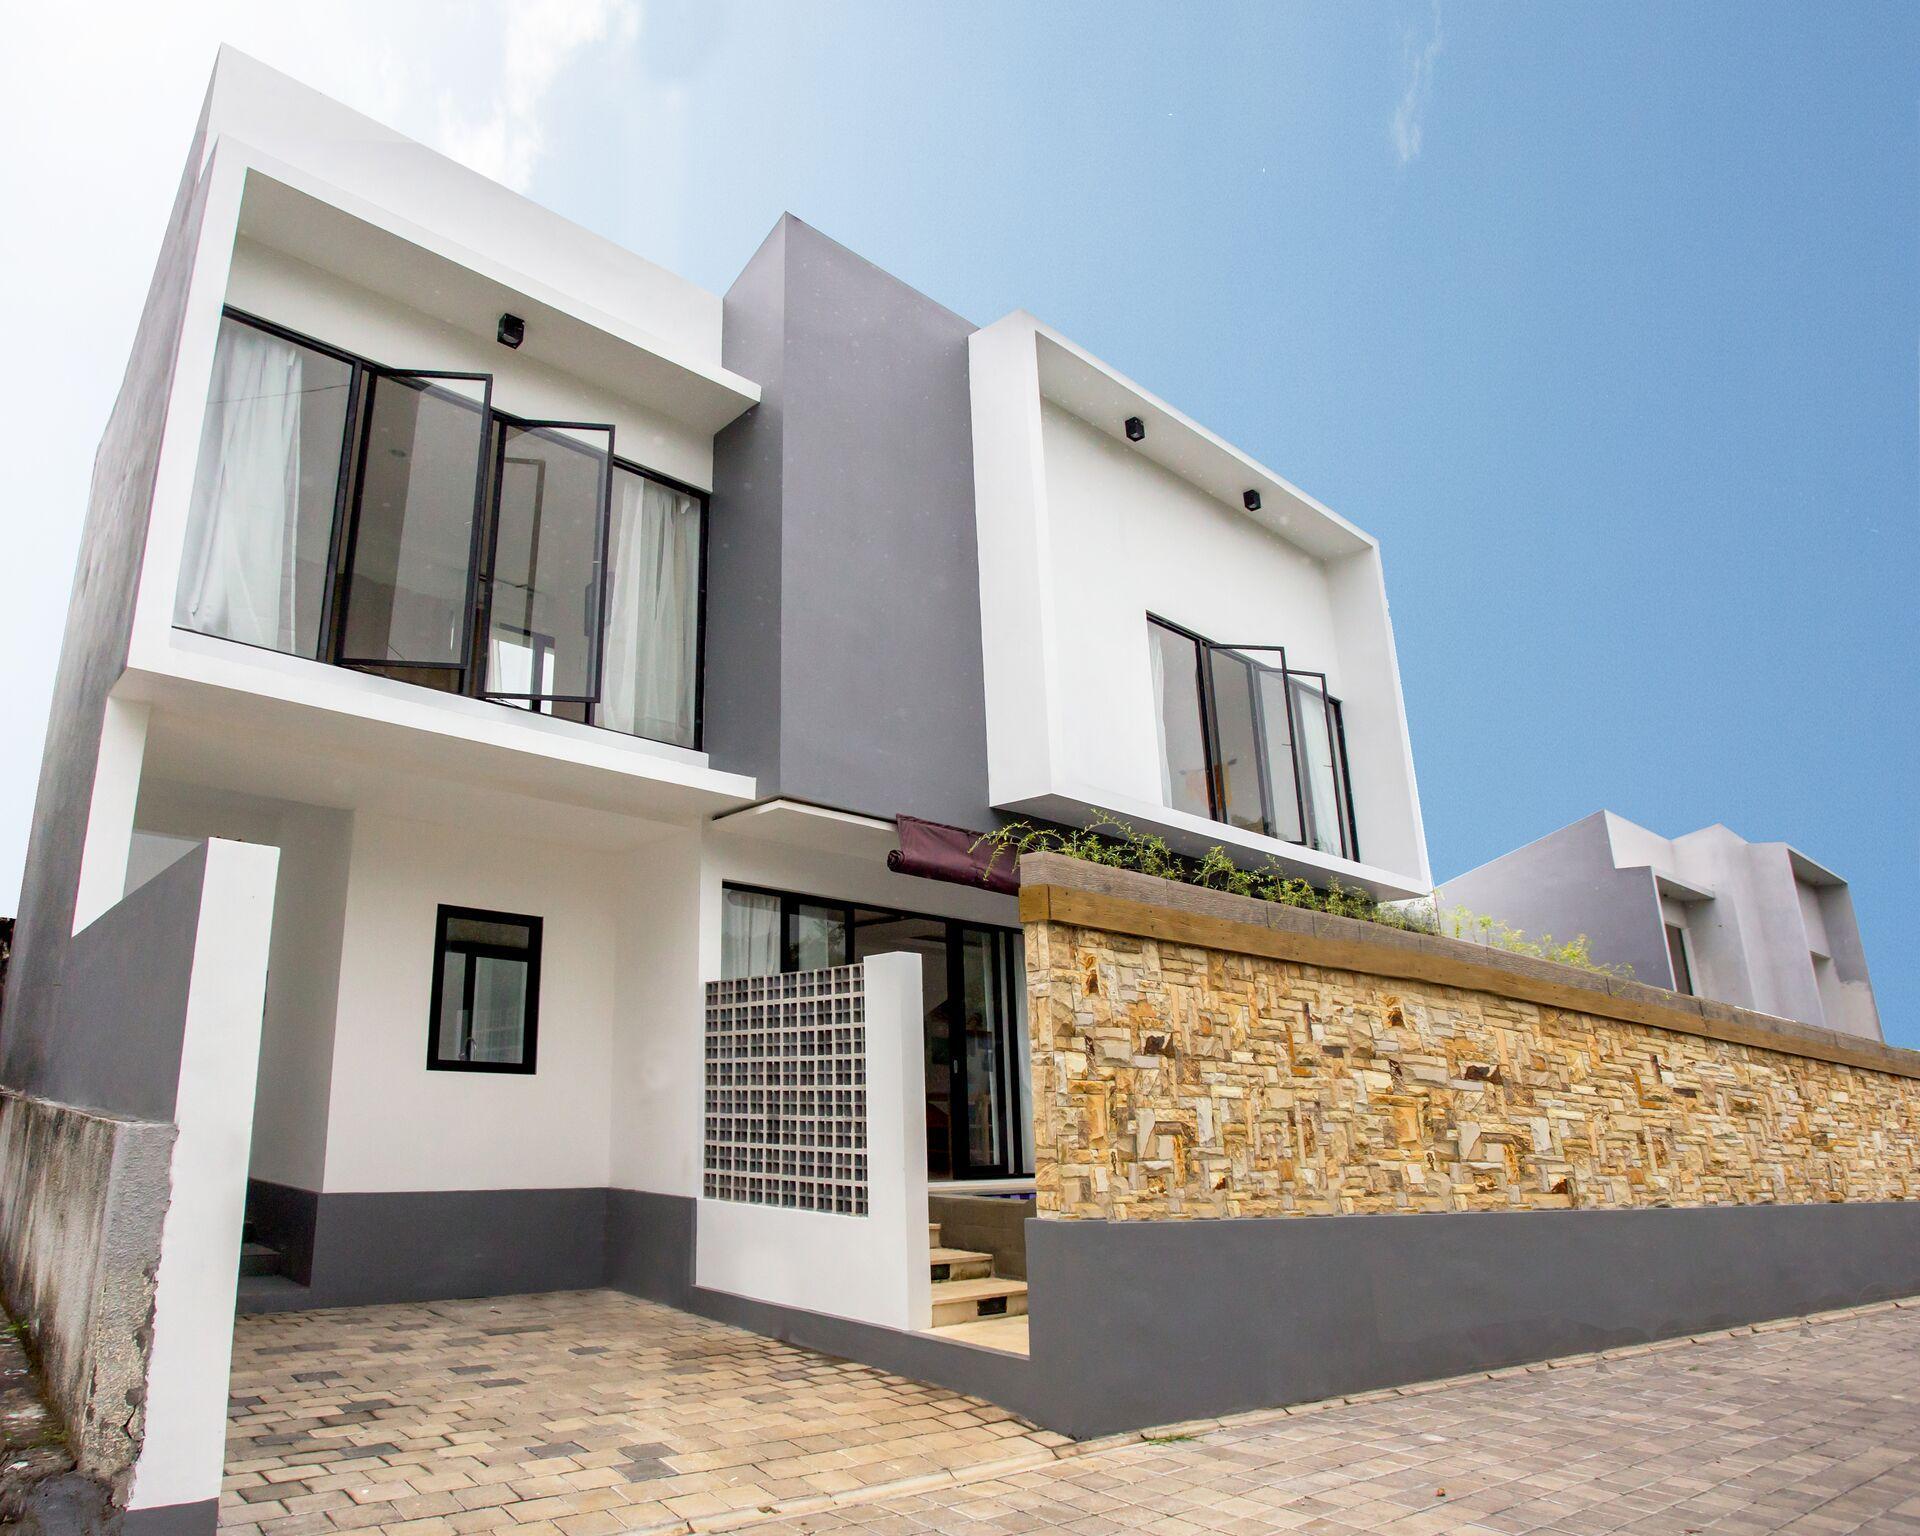 The Cantri 2 Bedroom Villa